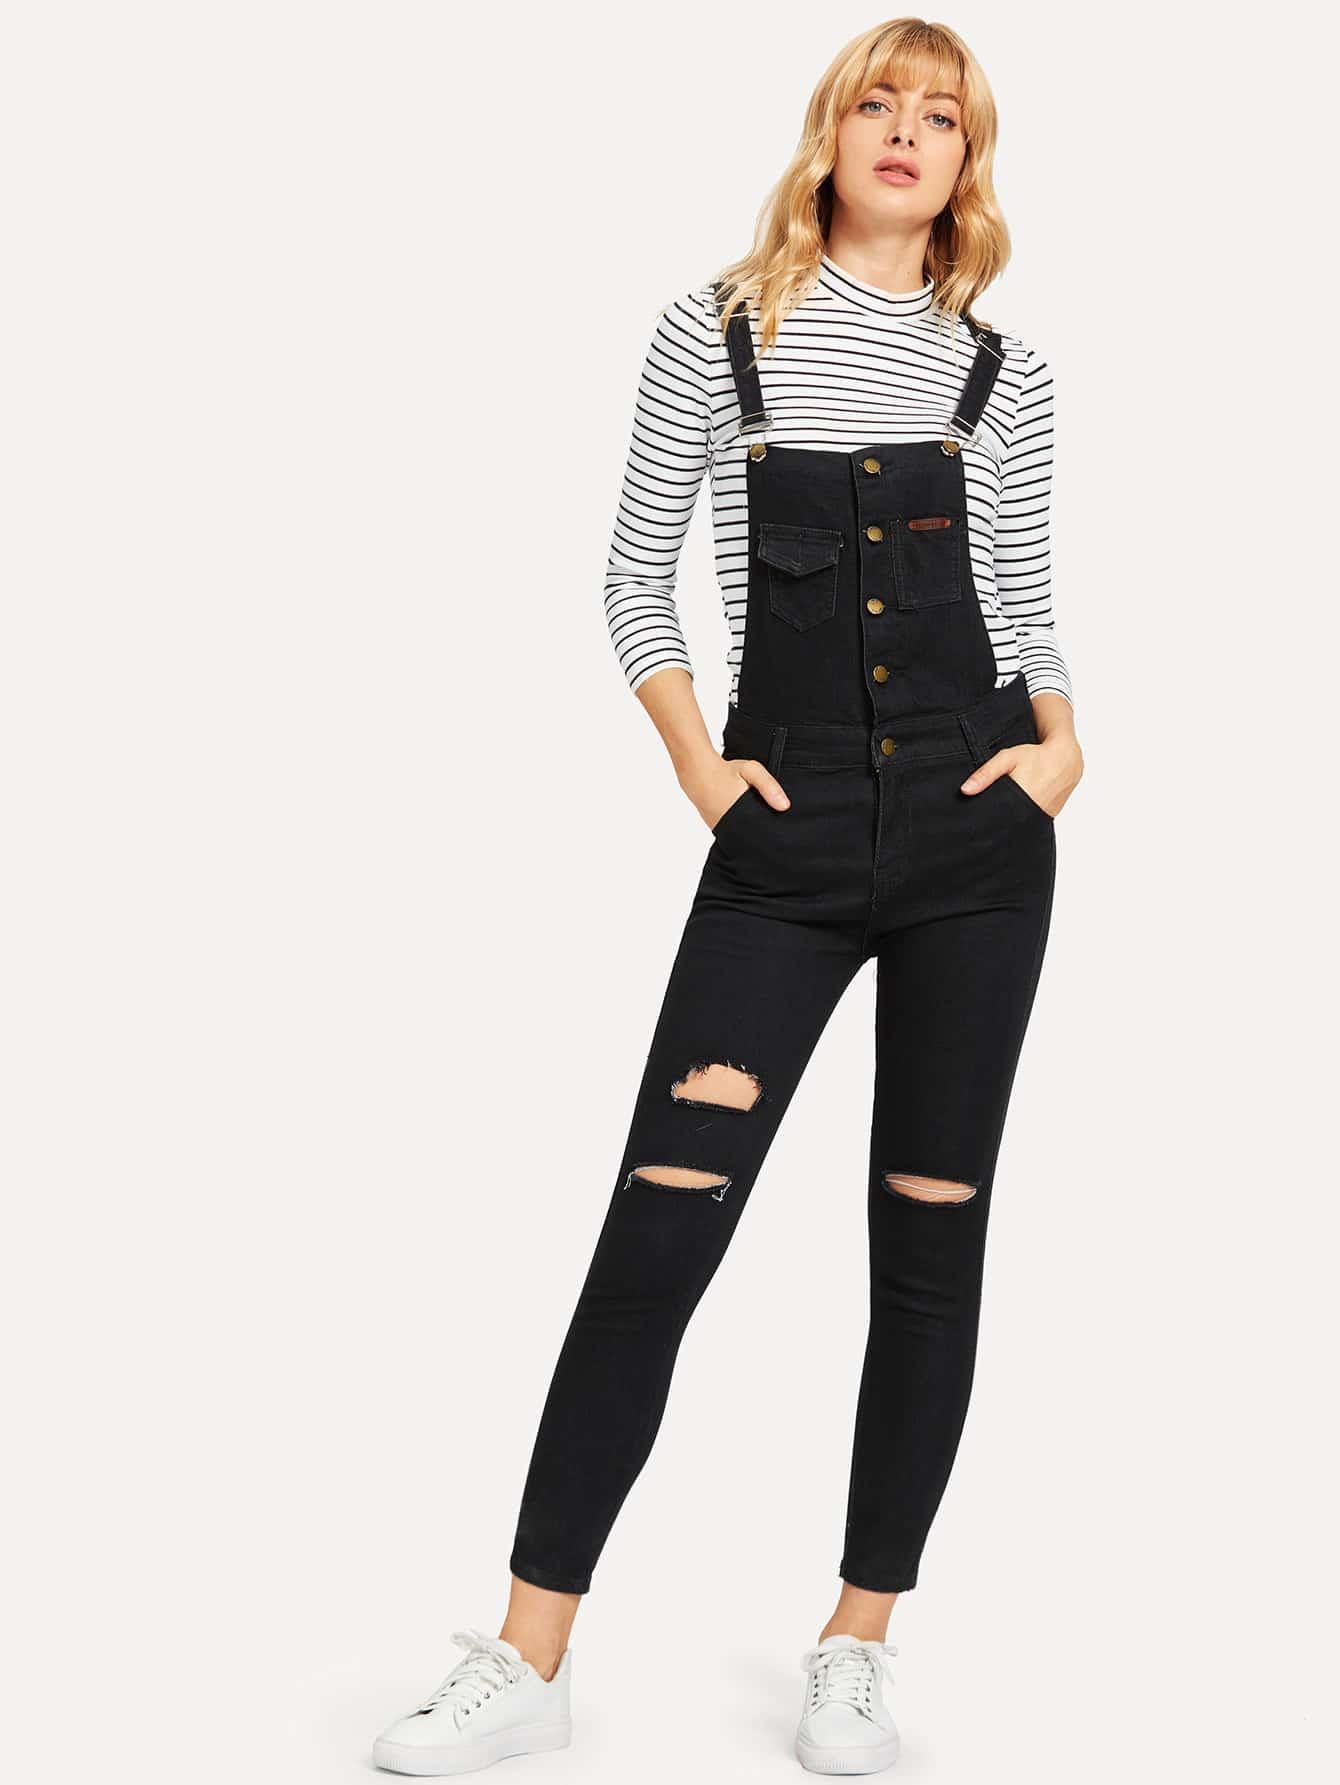 Рваный джинсовый комбинезон, Masha, SheIn  - купить со скидкой